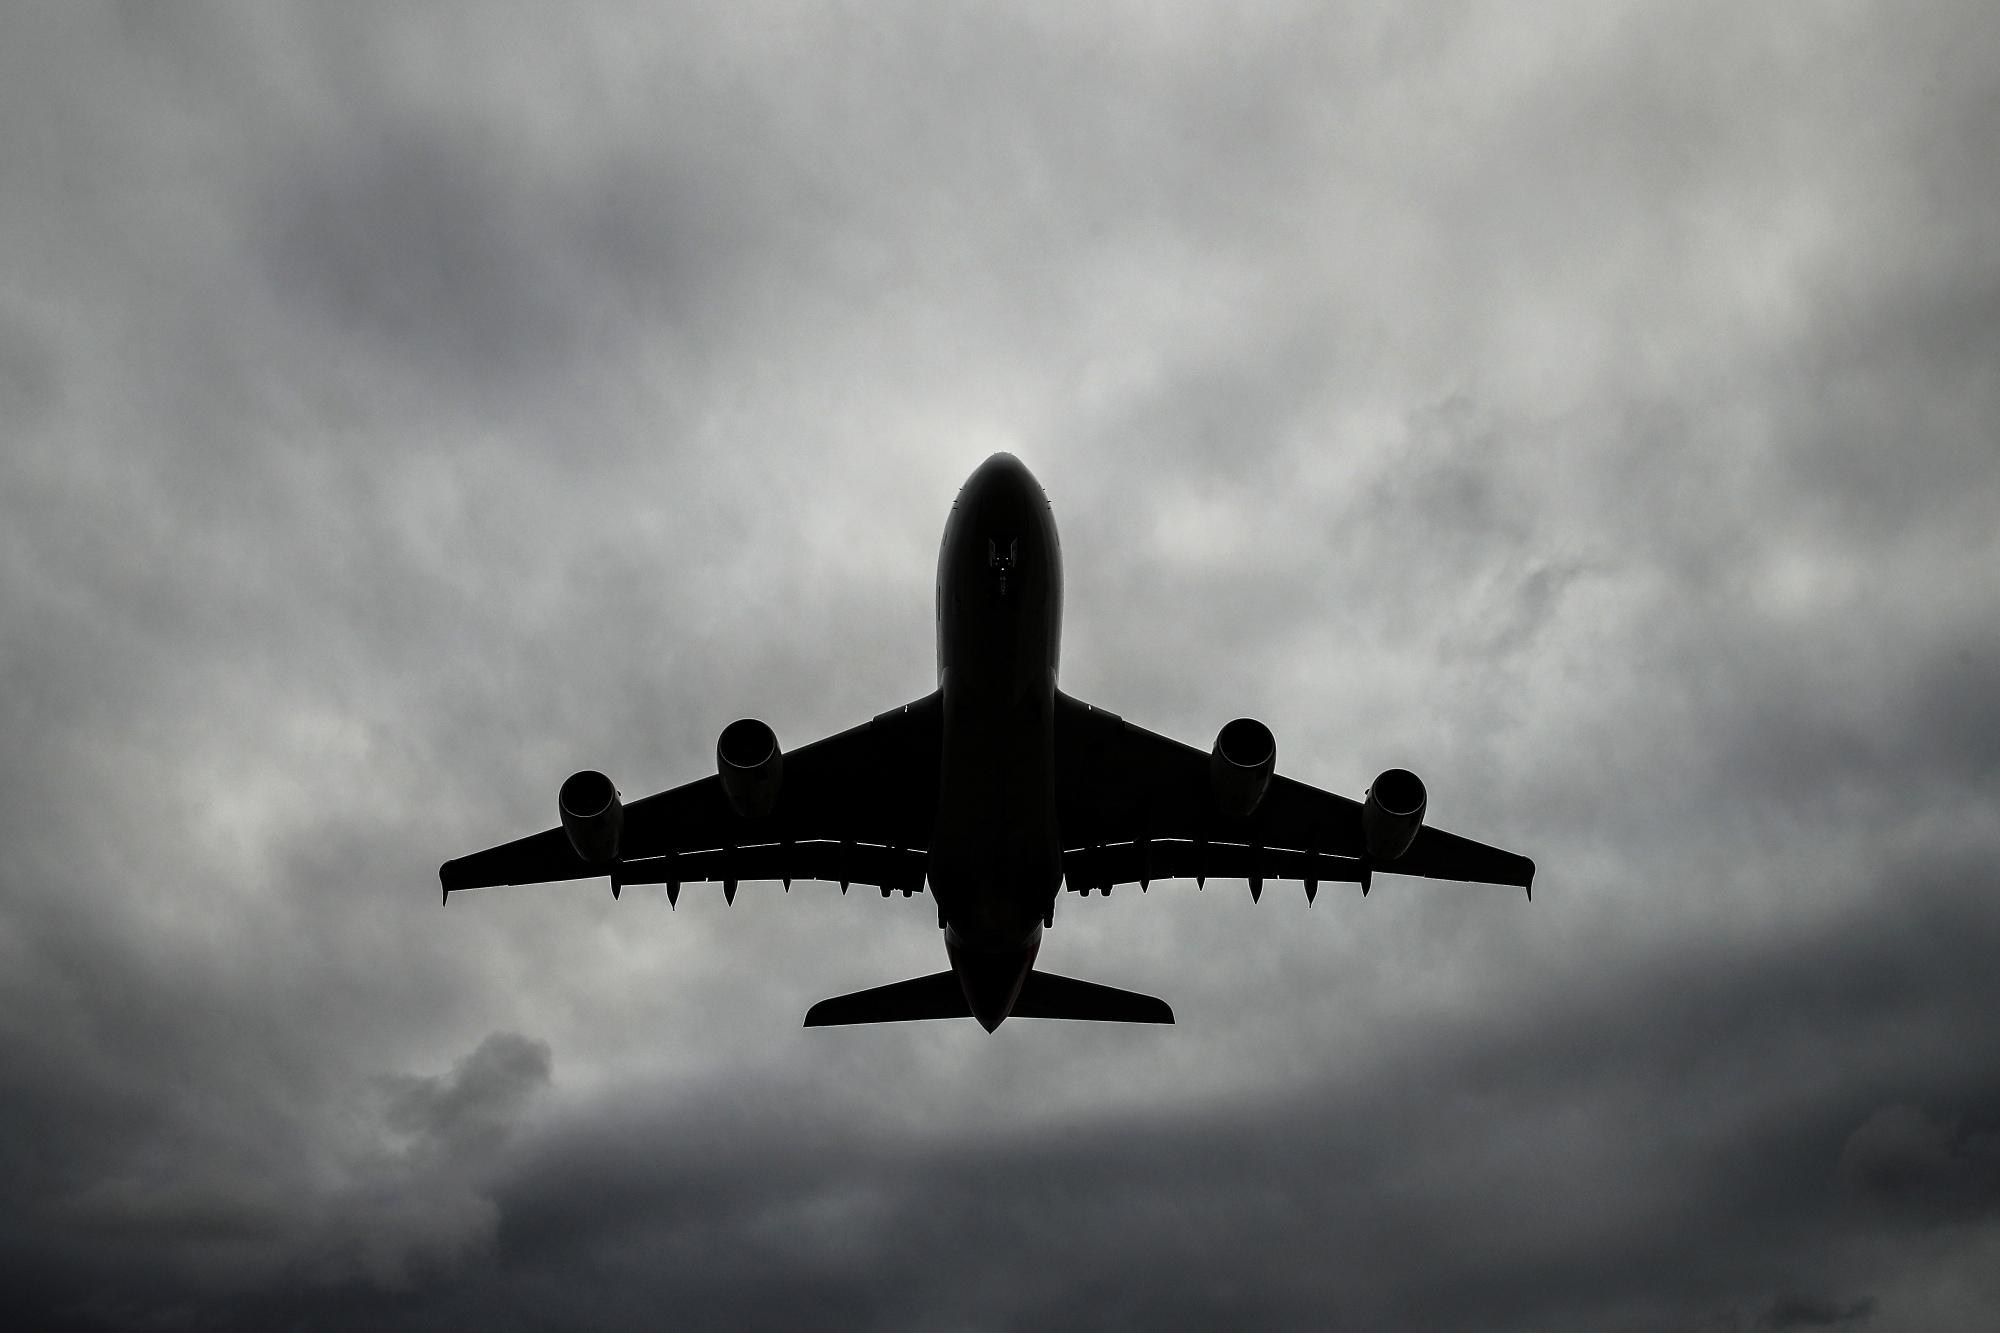 Sunday Strategist: A380, We Hardly Knew Ye